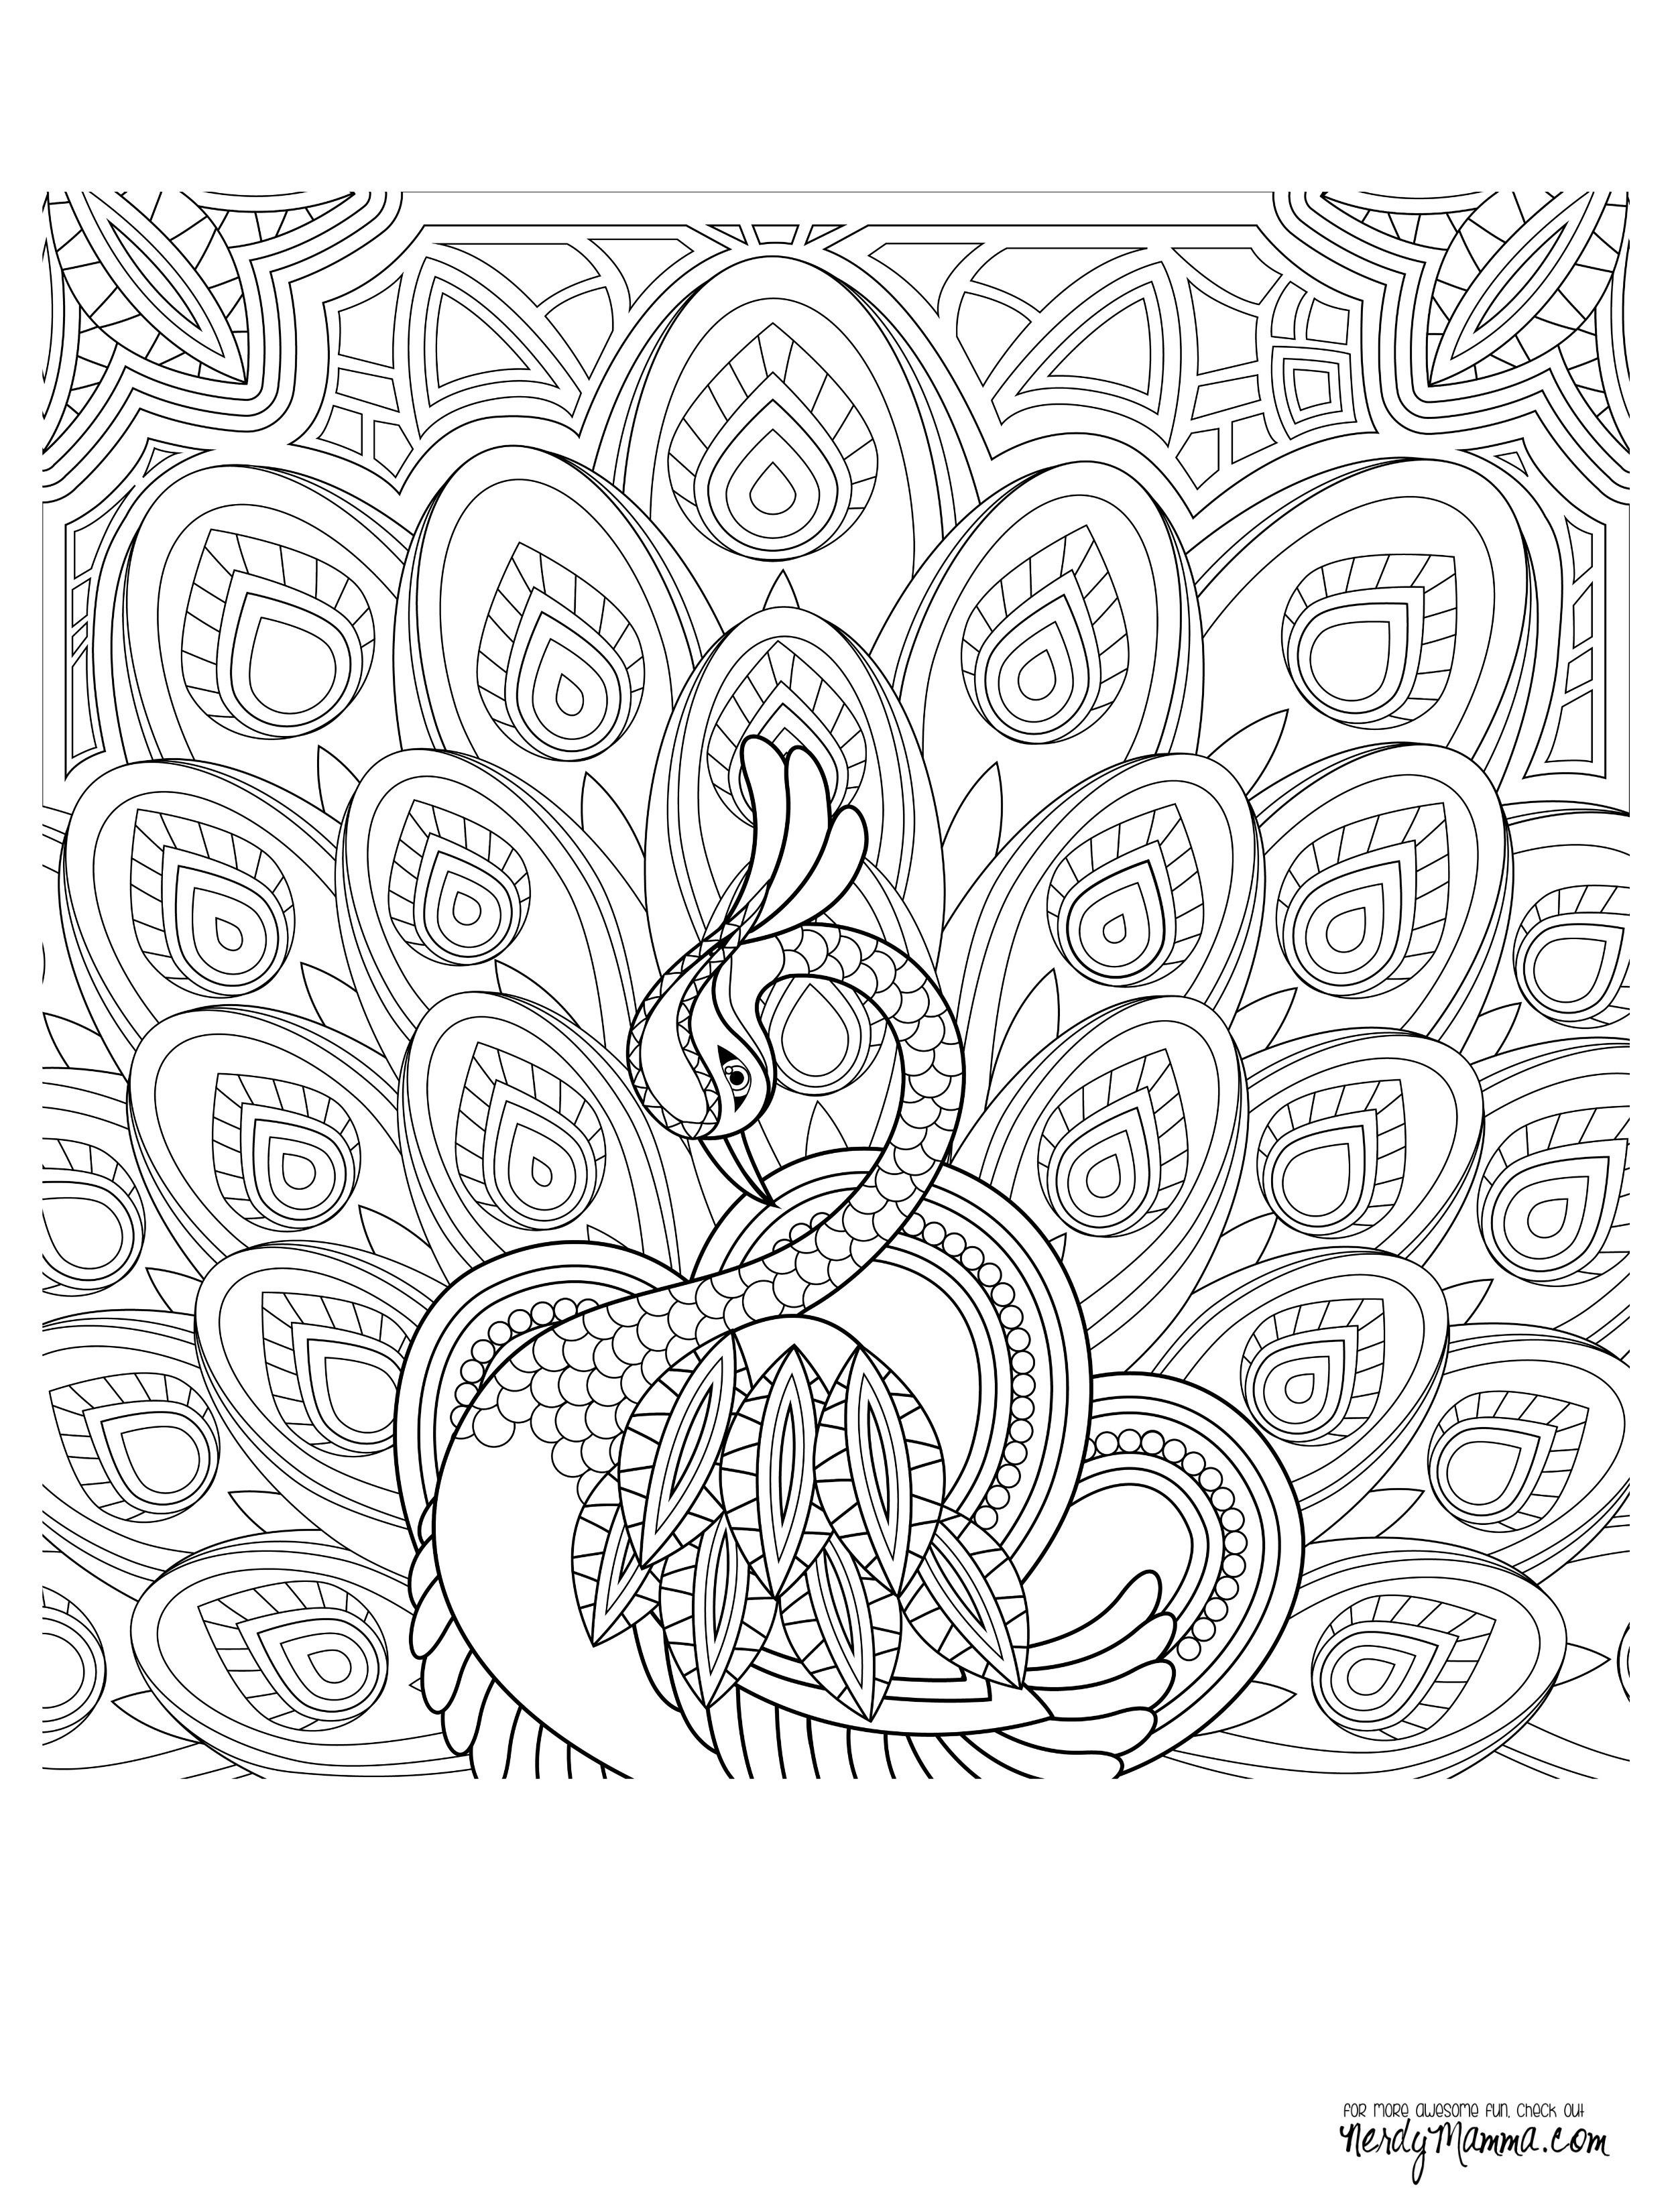 Rosen Zum Ausmalen Neu 40 Elegant Ausmalbilder Mandala Rosen Mickeycarrollmunchkin Bilder